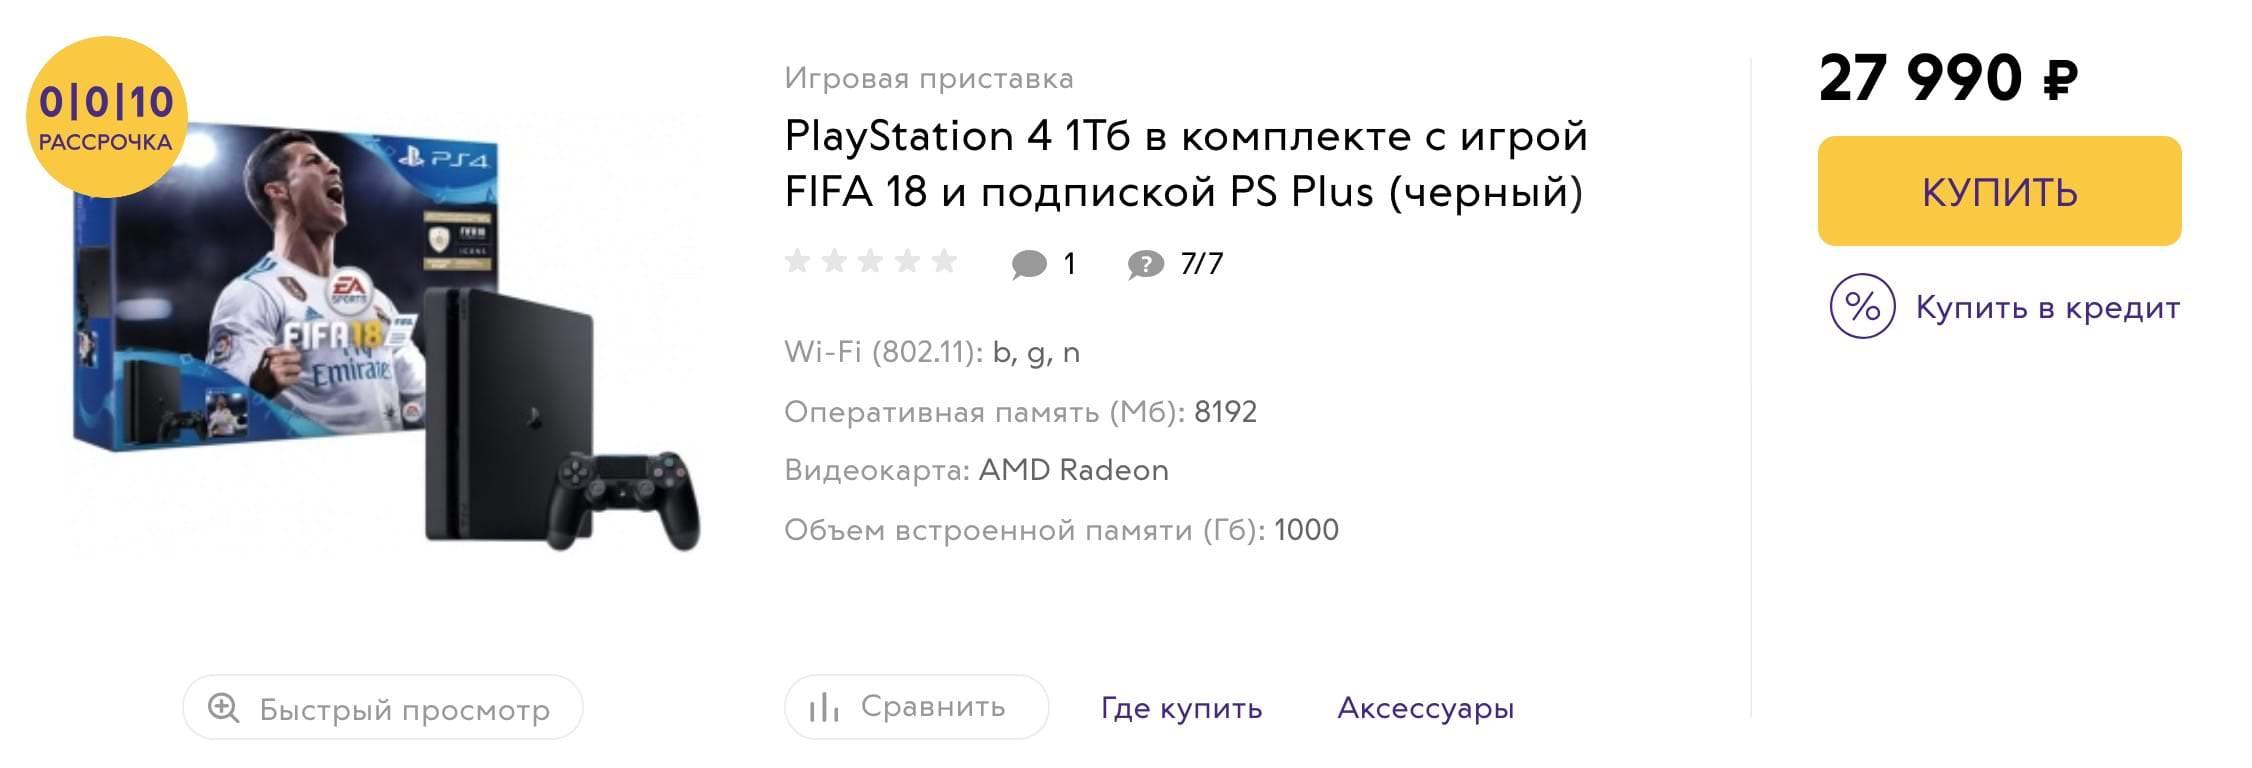 playstation 4 в кредит